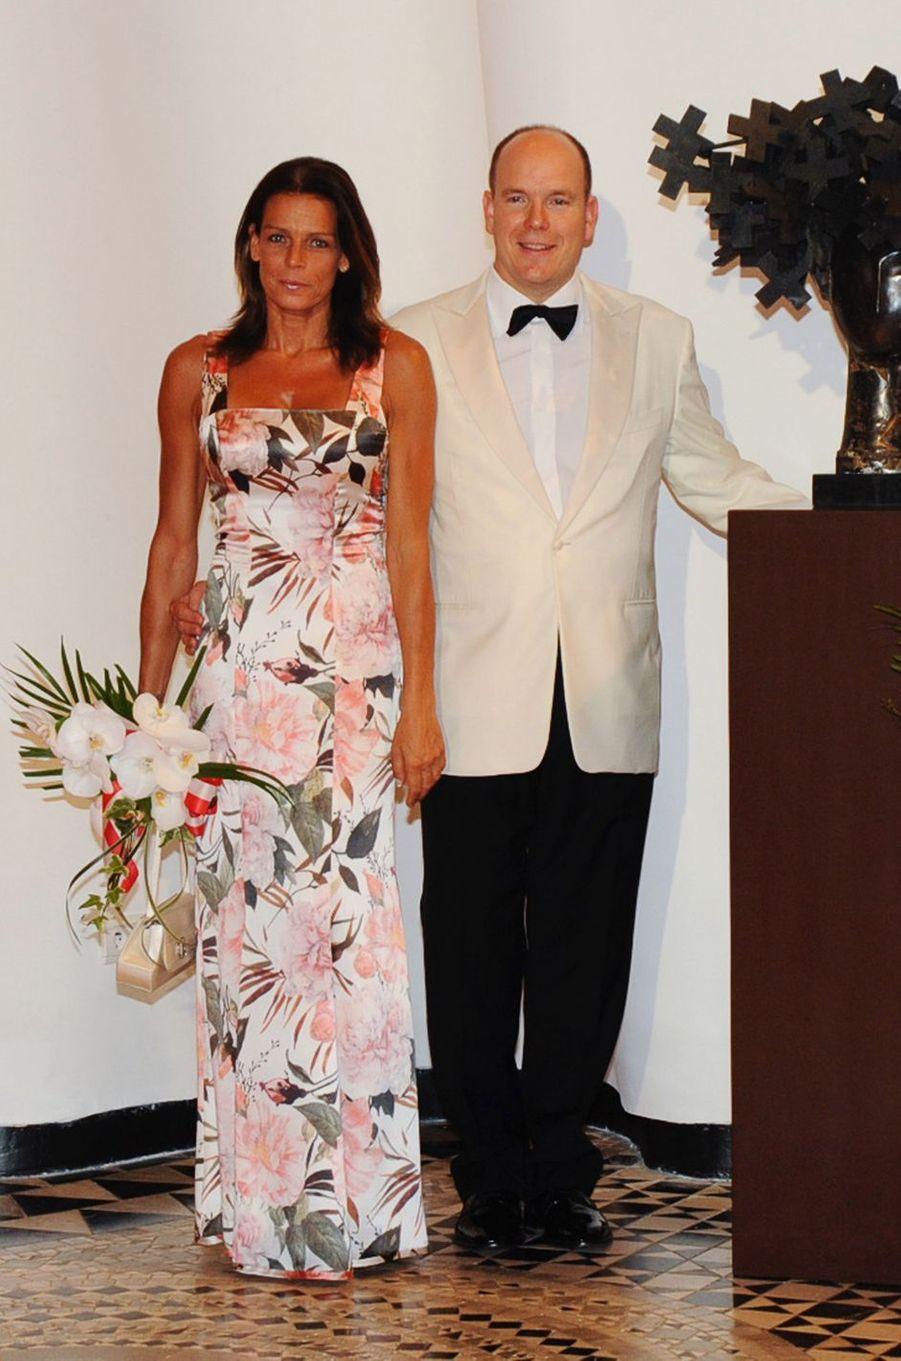 La princesse Stéphanie de Monaco au bal de la Croix-Rouge en juillet 2009